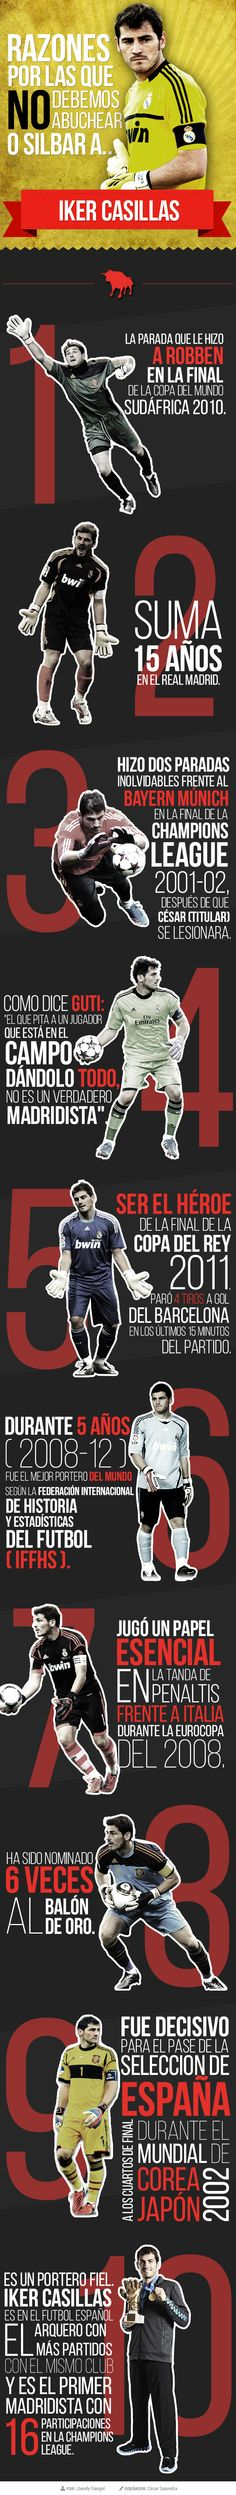 Los hechos defienden a Iker Casillas | juanfutbol